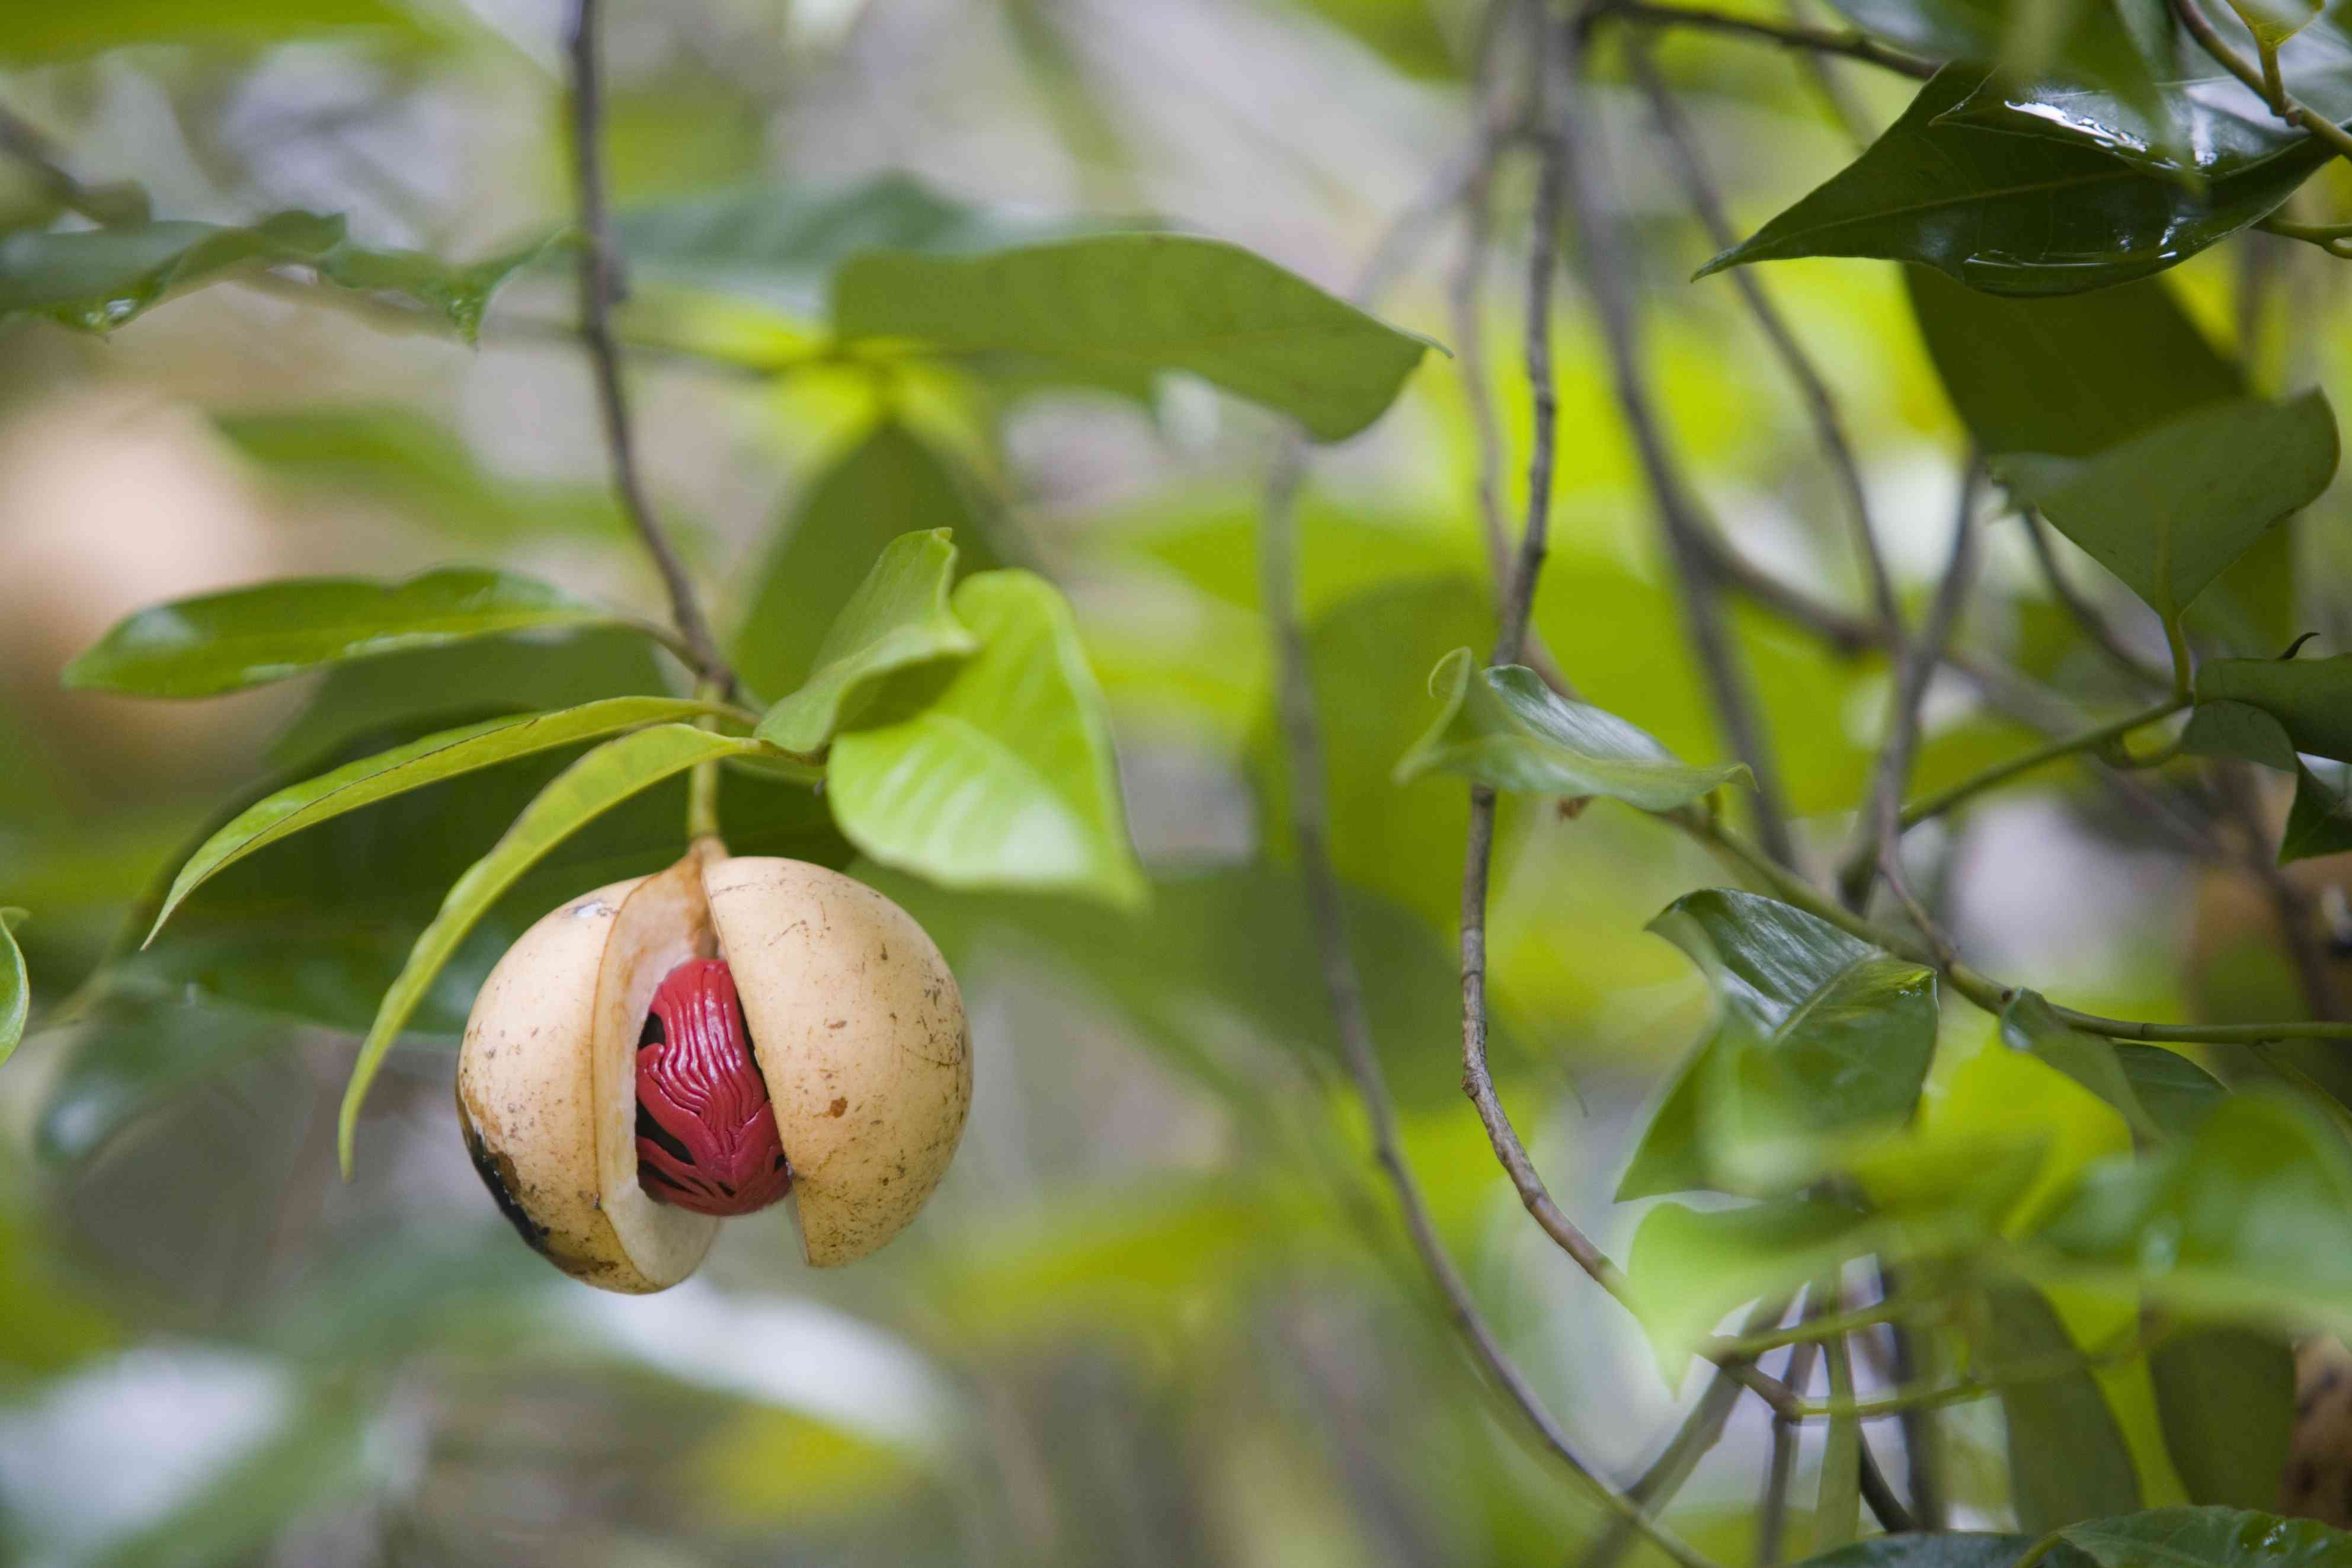 Nutmeg on tree.